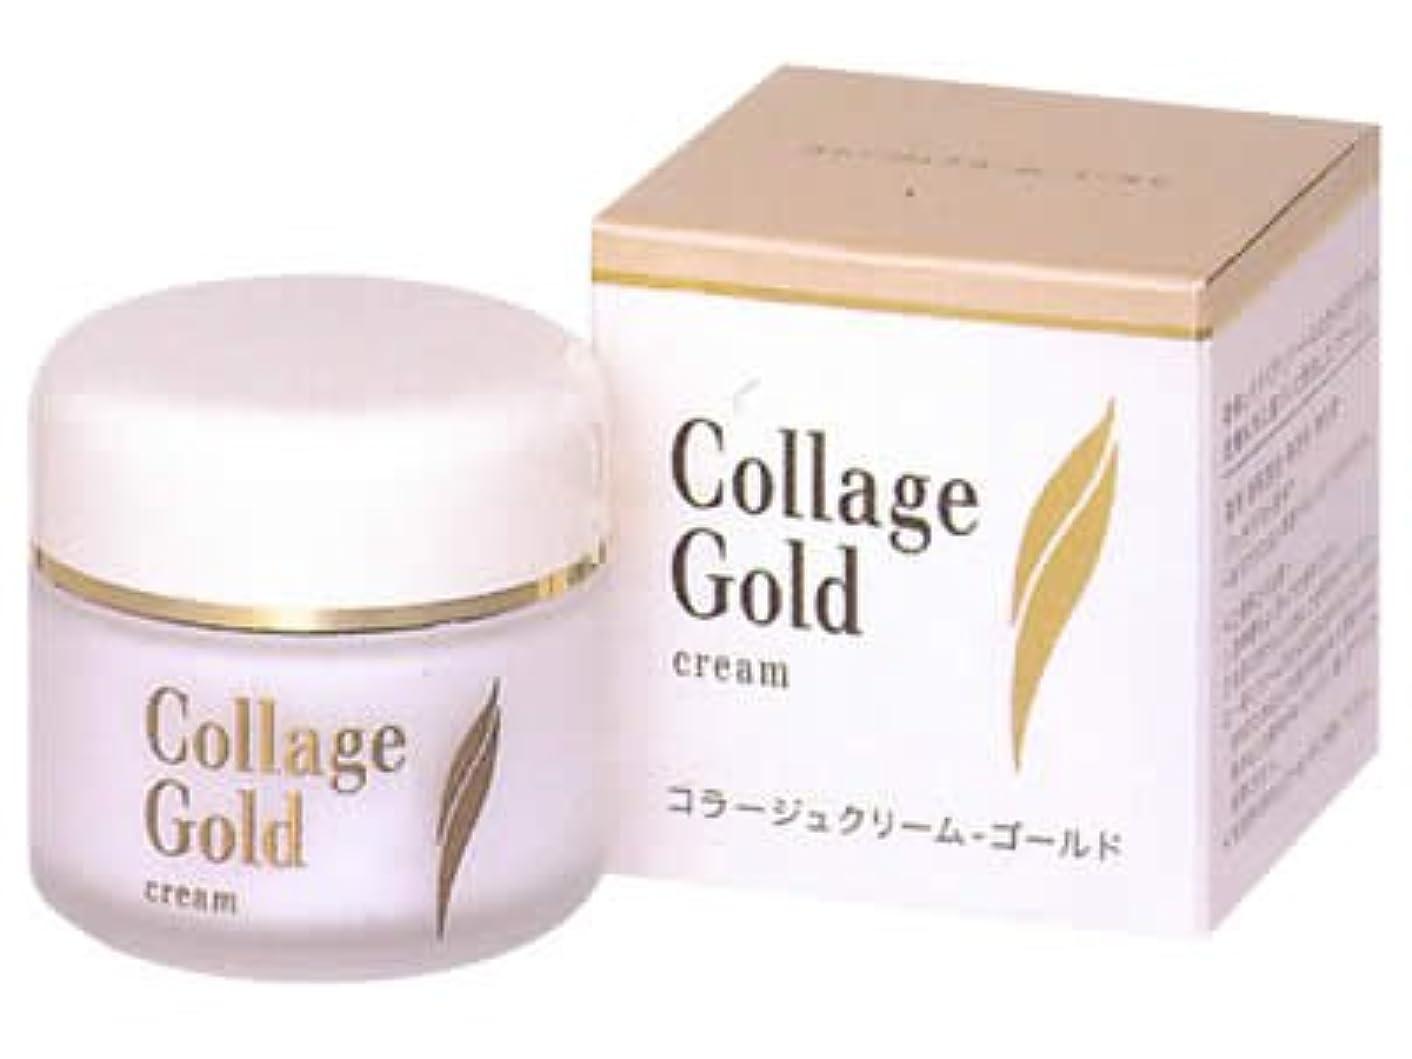 パンウィザード反発コラージュ クリーム-ゴールドS 35g (医薬部外品)